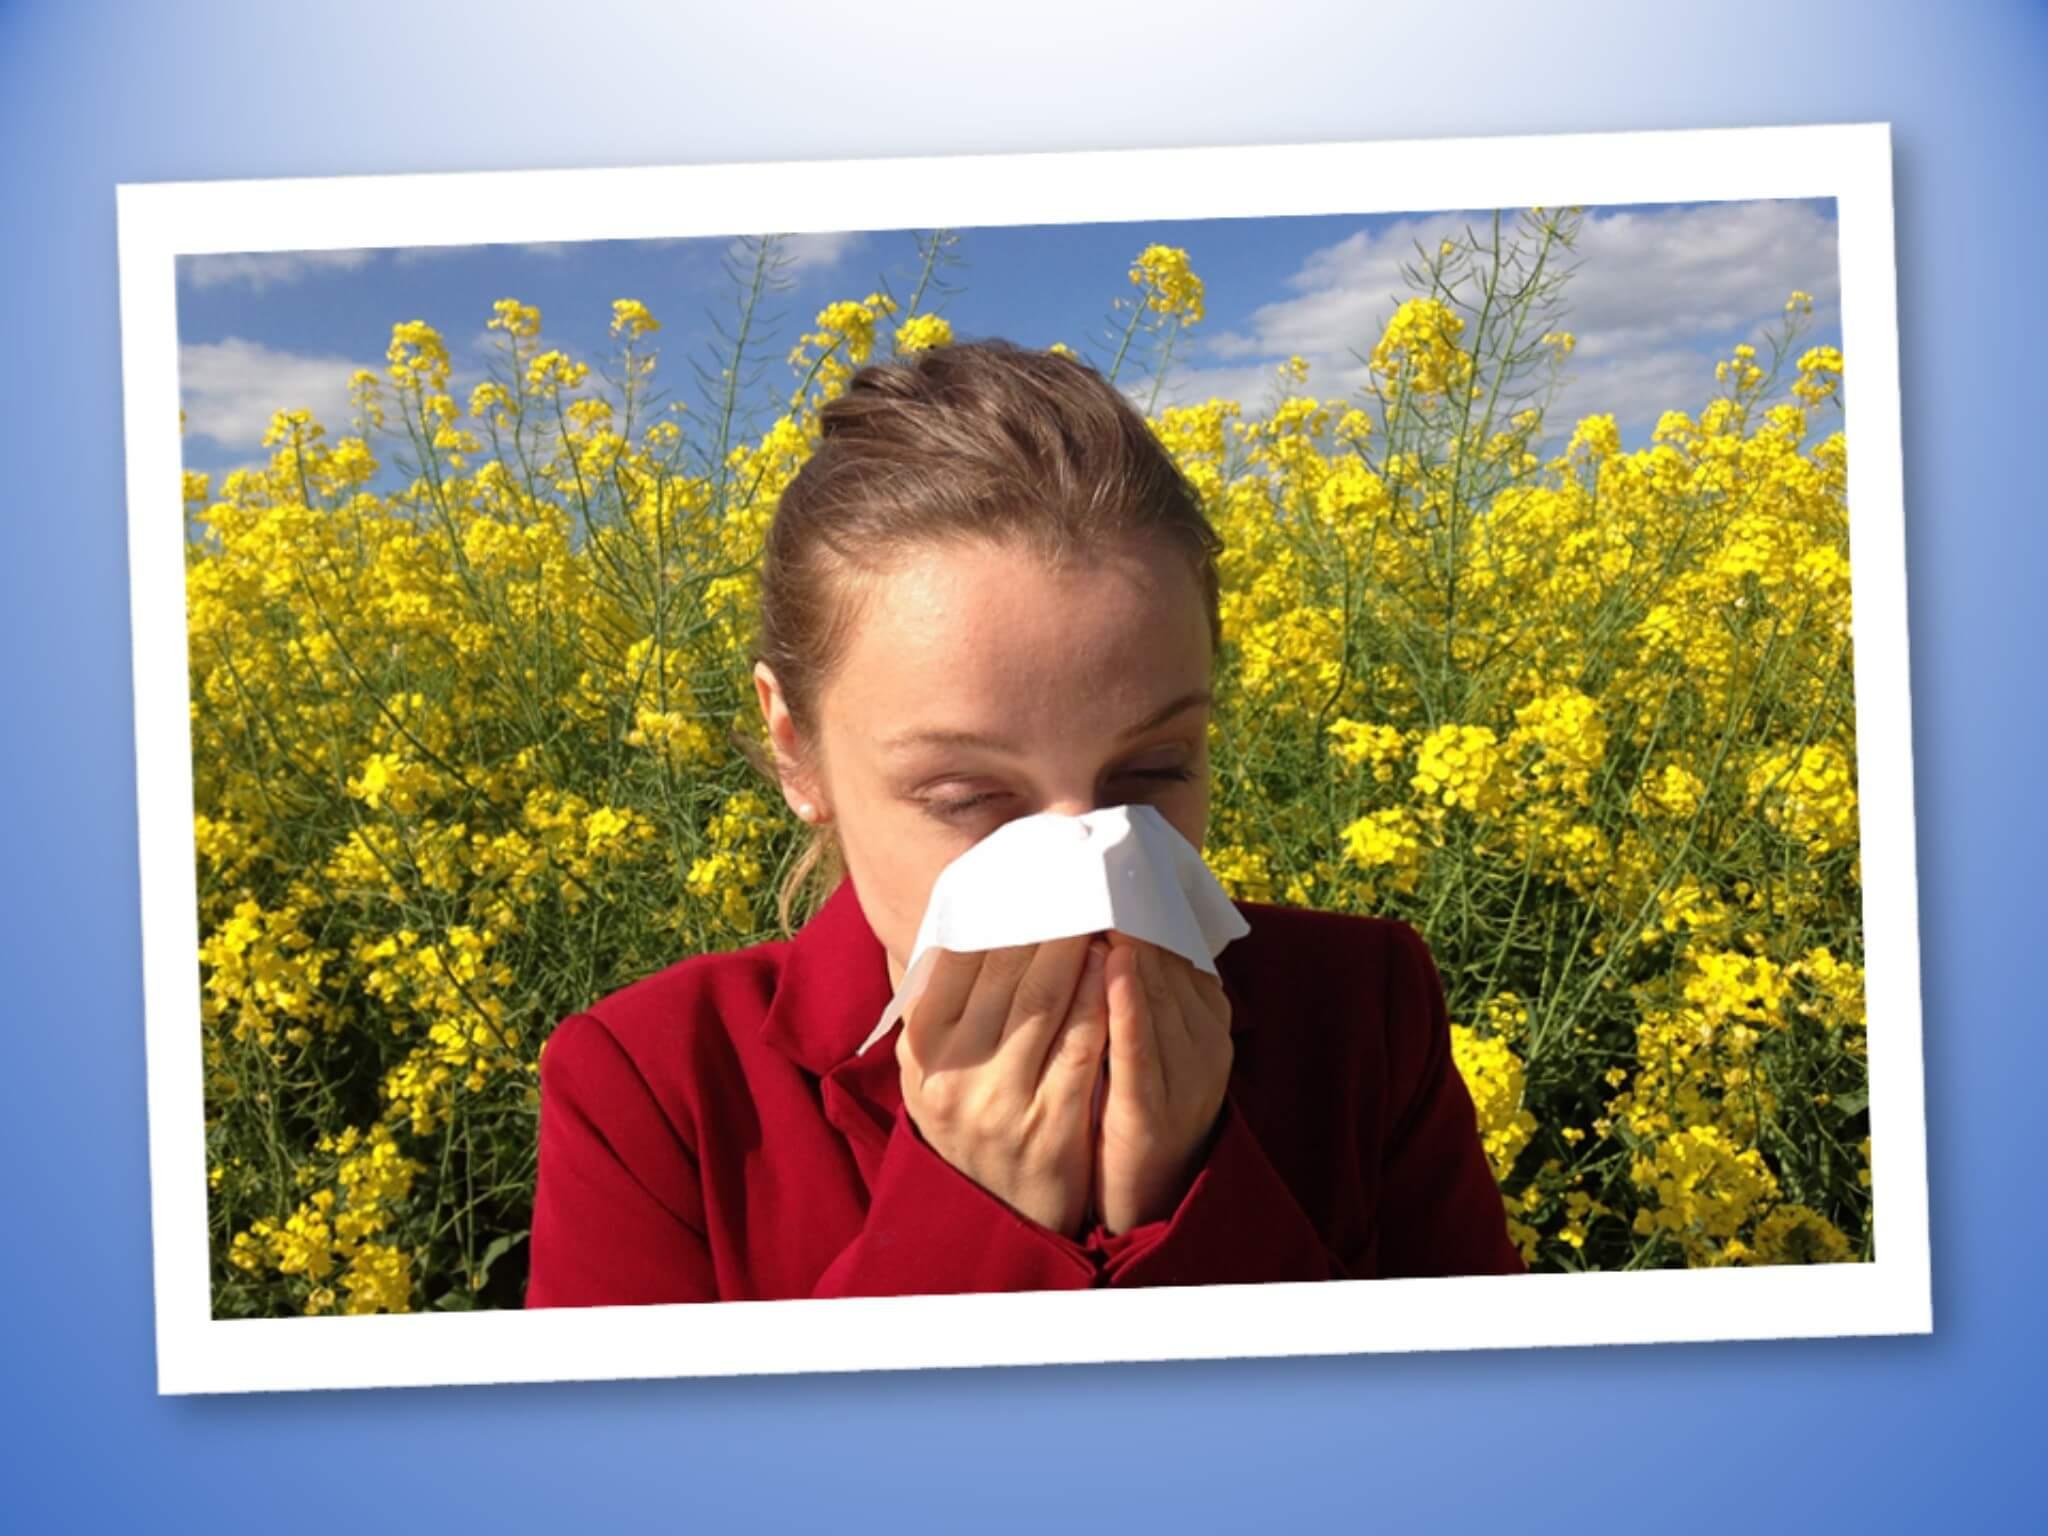 Reattività crociata - Allergici a tutto? Che cos'è e cosa comporta